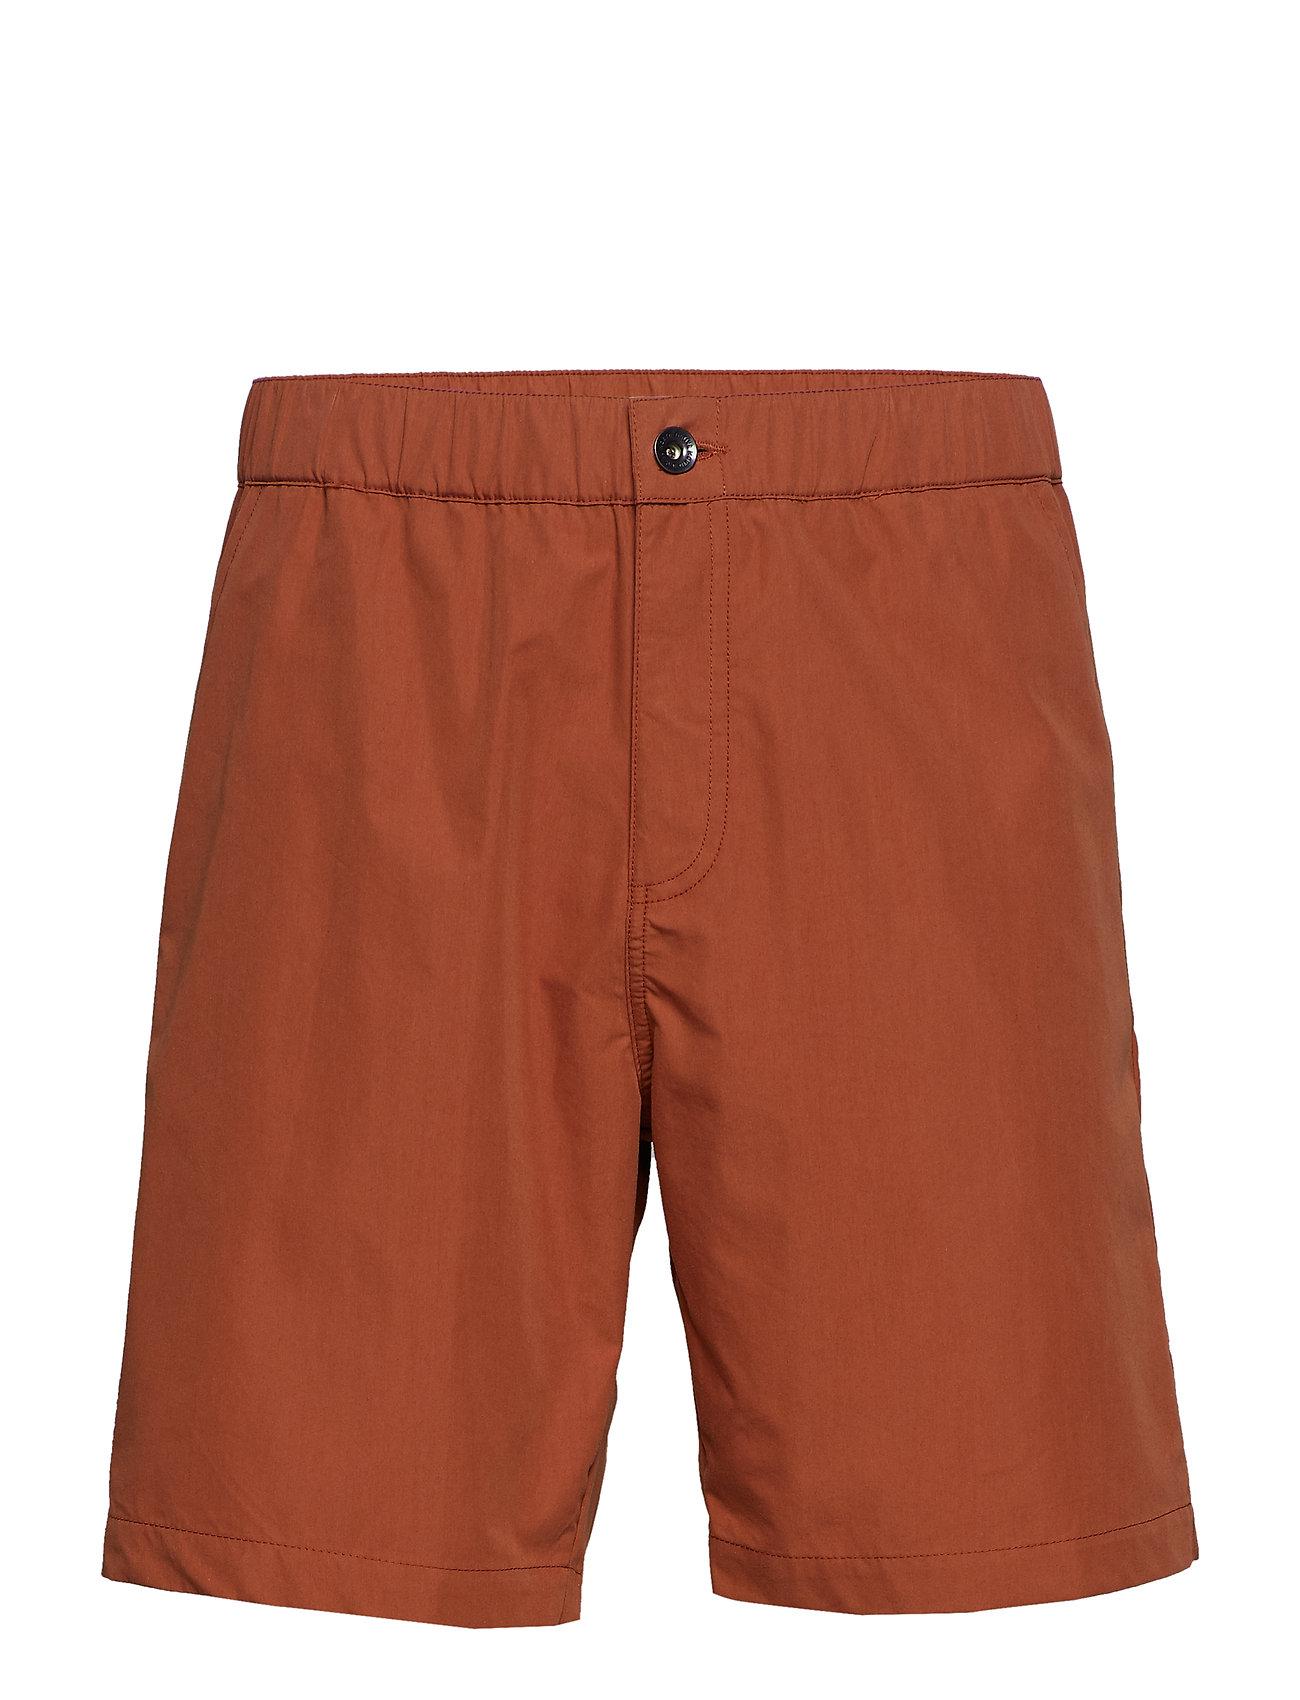 Image of Paper Shorts Shorts Chinos Shorts Orange Native North (3128254693)